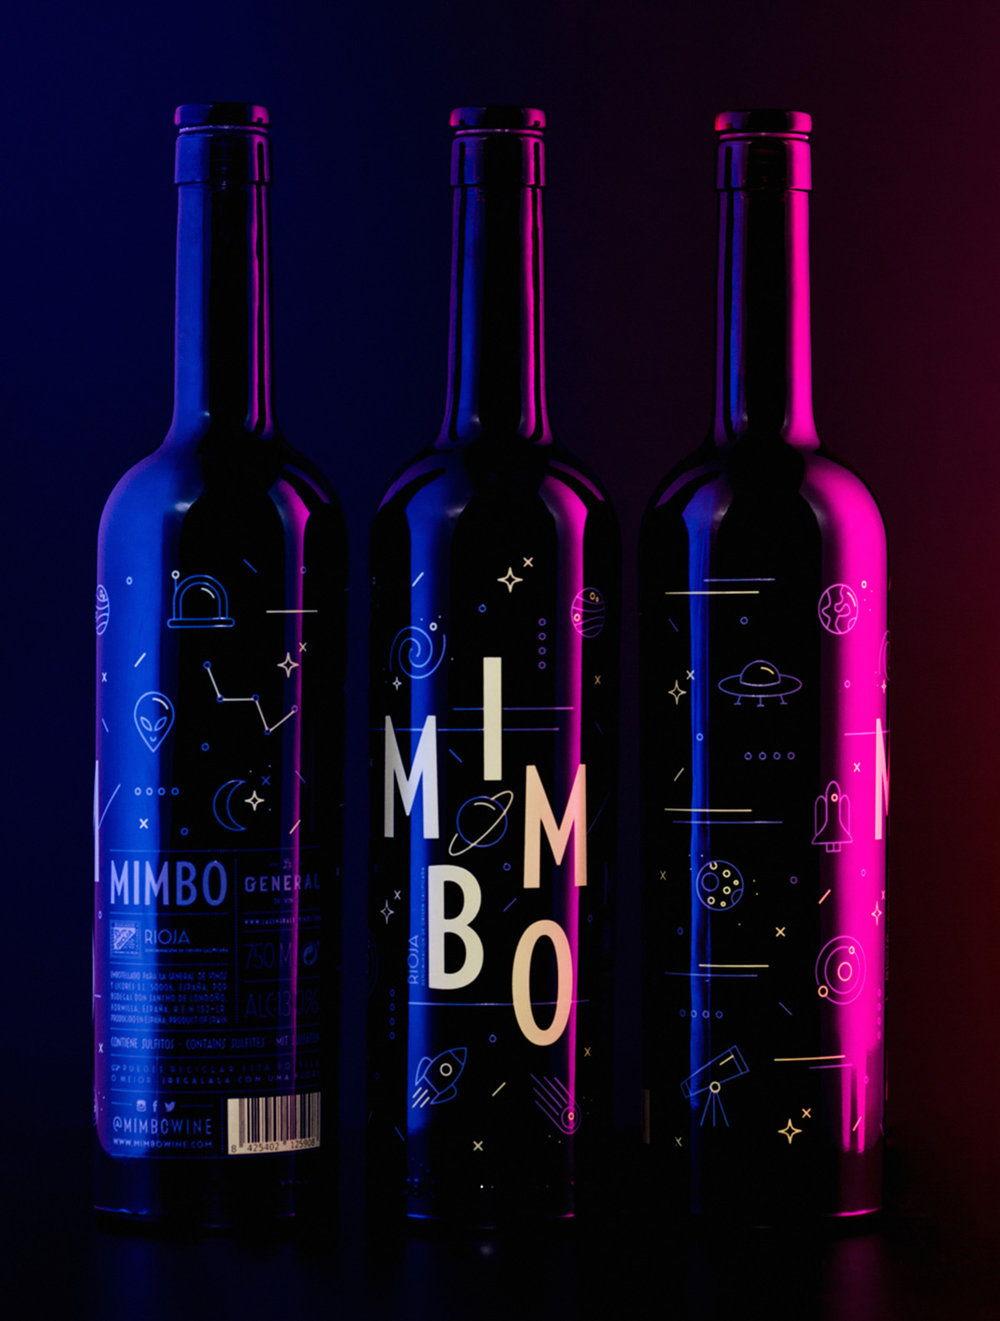 montalban-mimbo-packaging-wine08.jpg